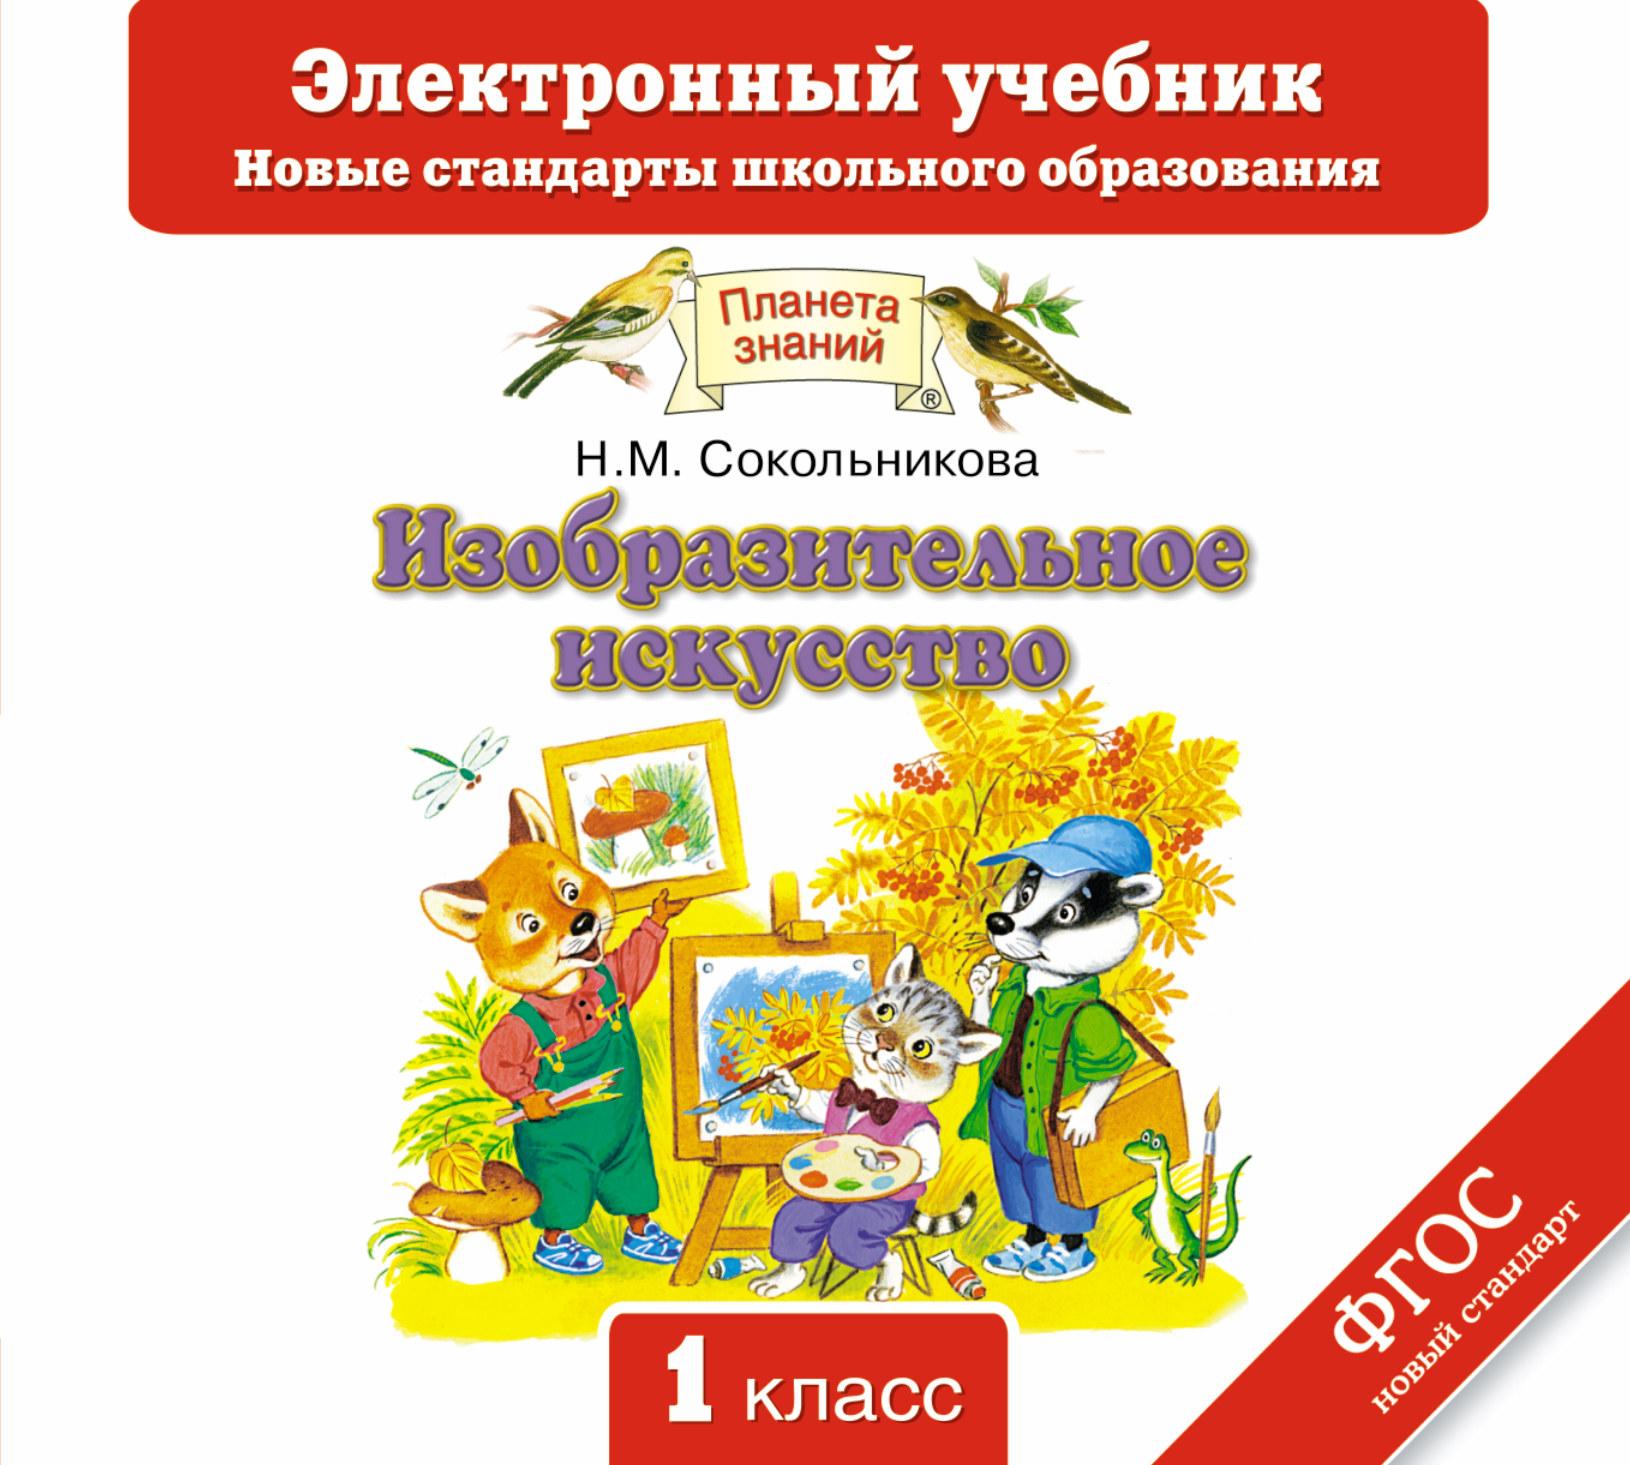 Сокольникова Н.М. Изобразительное искусство. 1 класс. Электронный учебник.(CD) брюки mango брюки